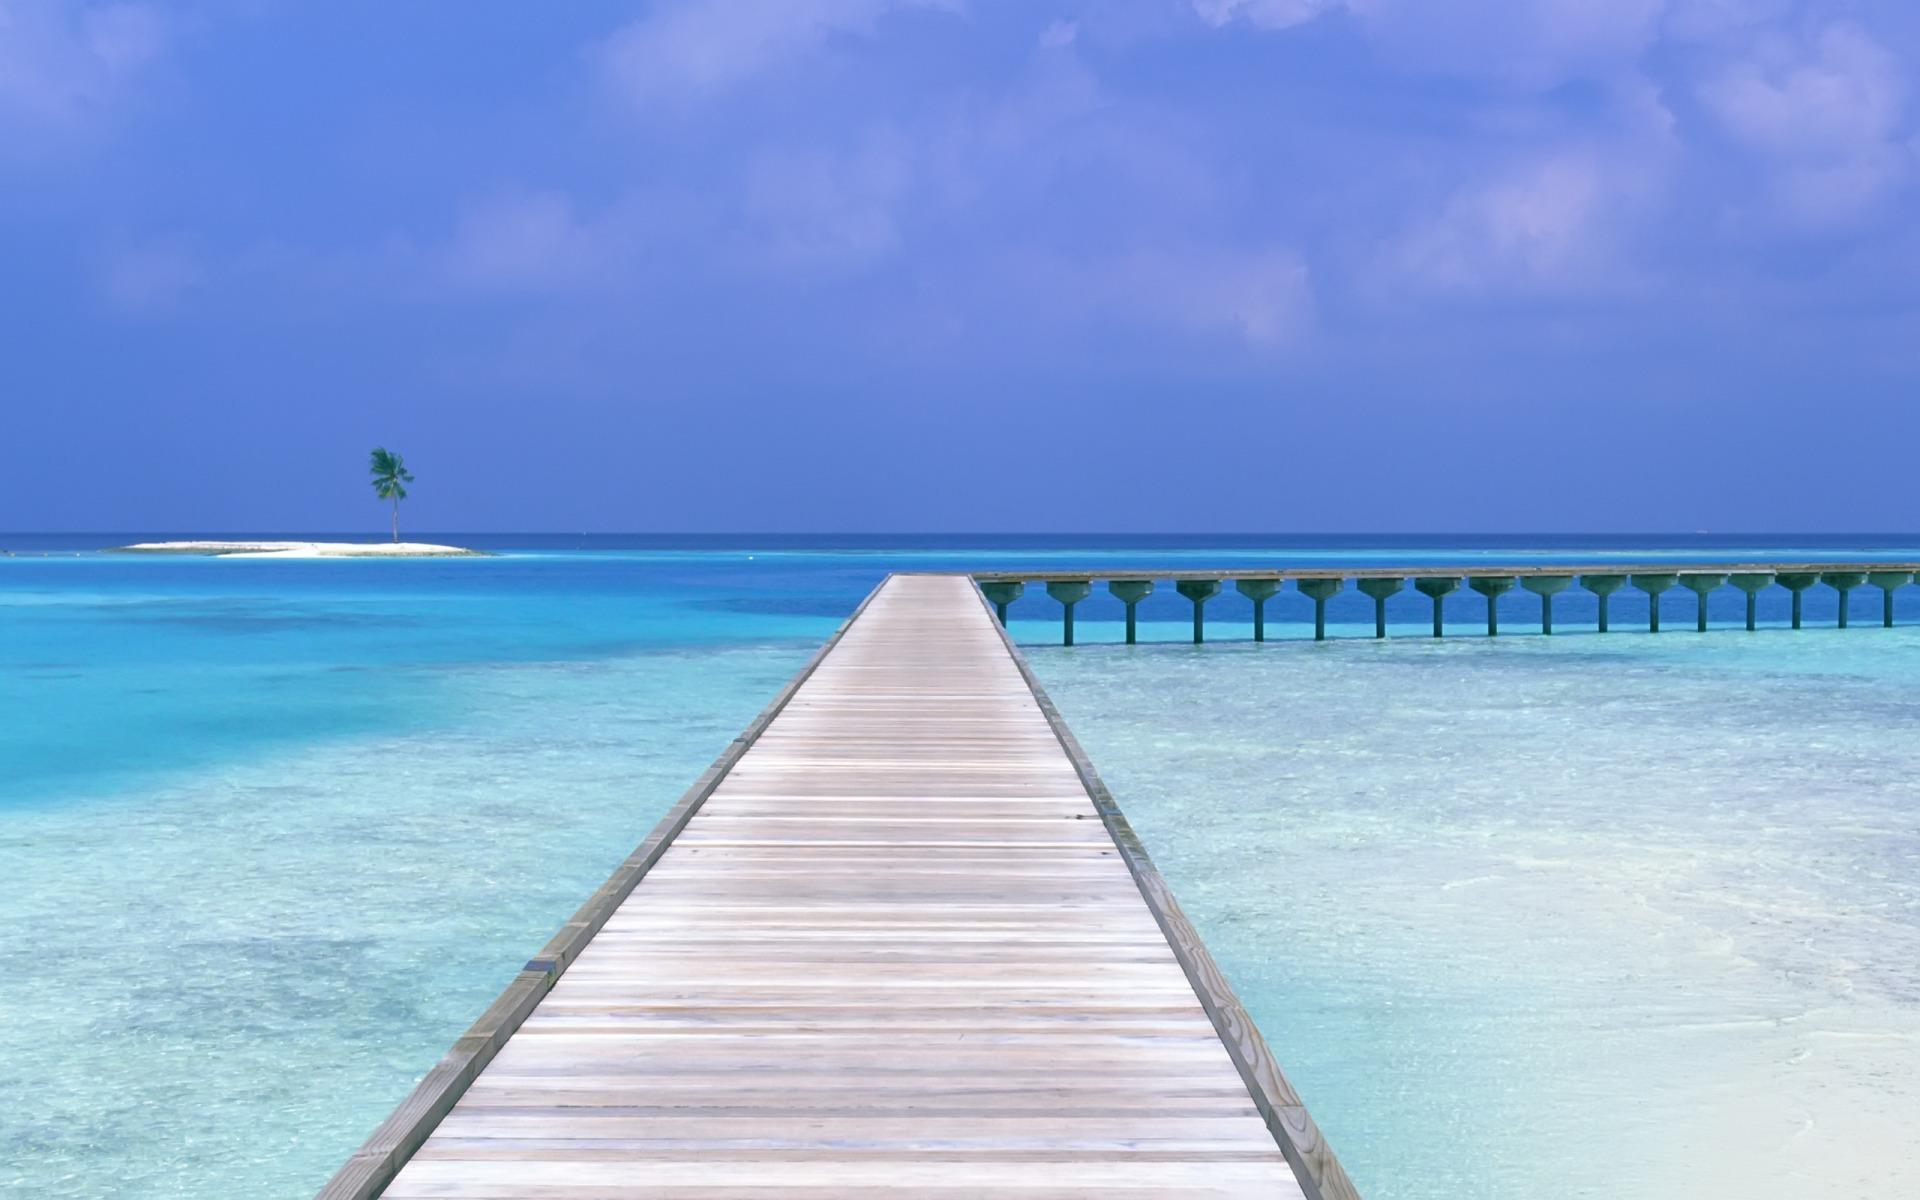 10081 скачать обои Пейзаж, Вода, Мосты, Море - заставки и картинки бесплатно